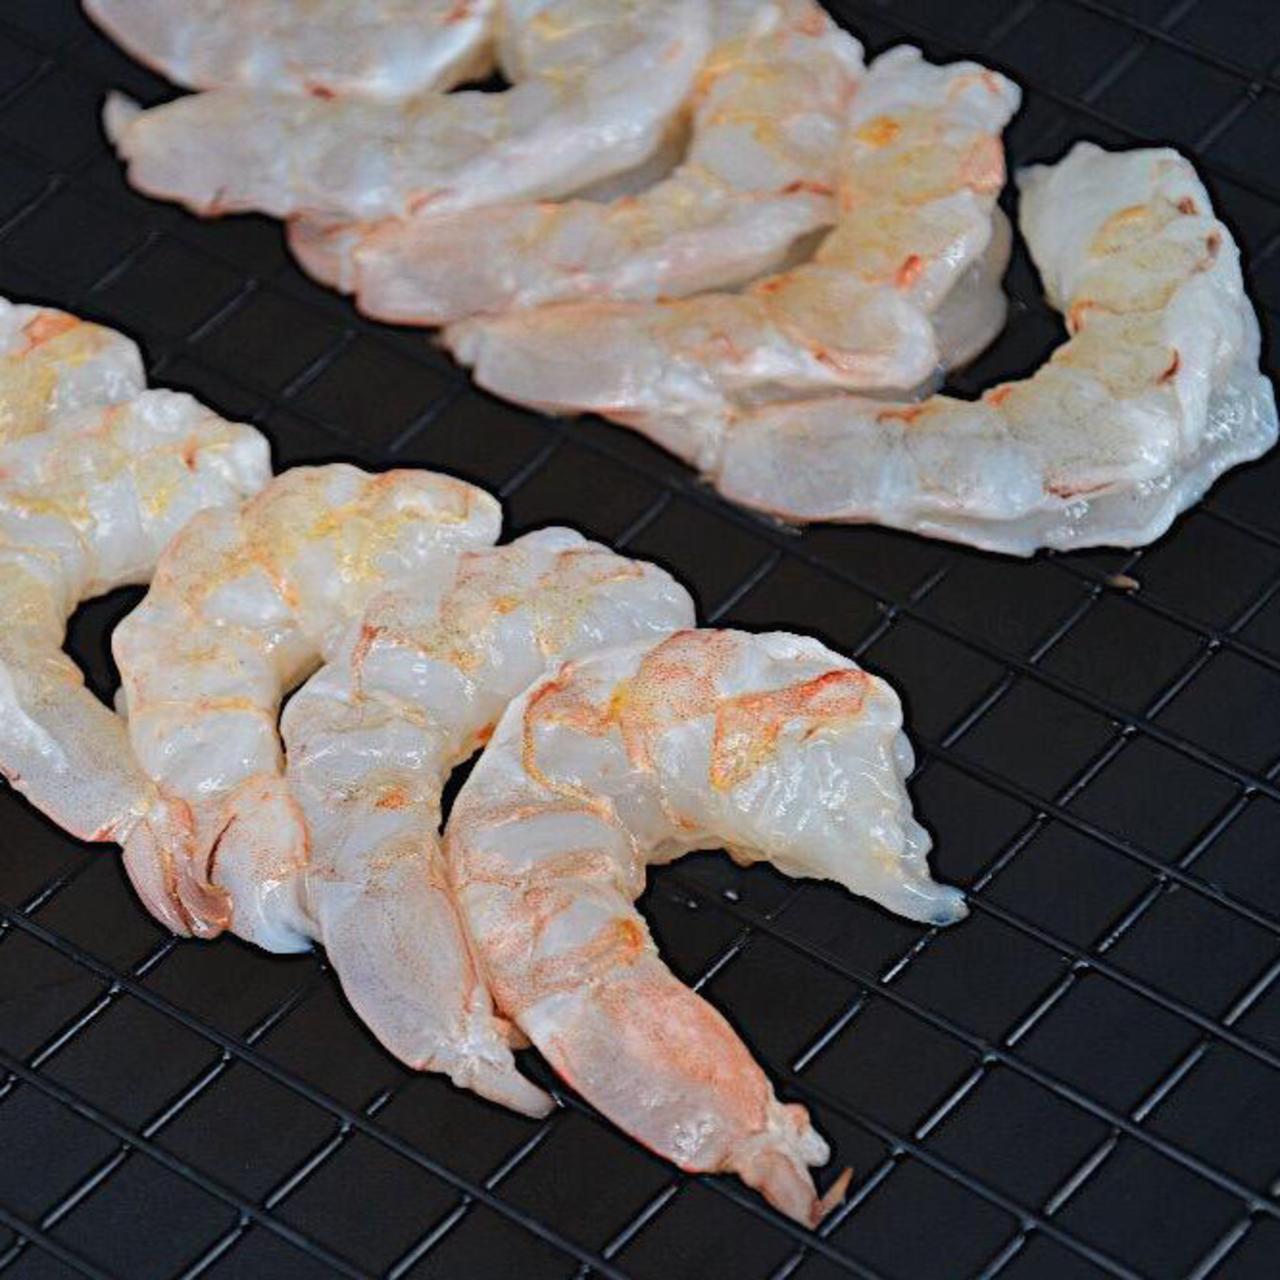 PRAWN SEA 26-30 AA 海虾肉